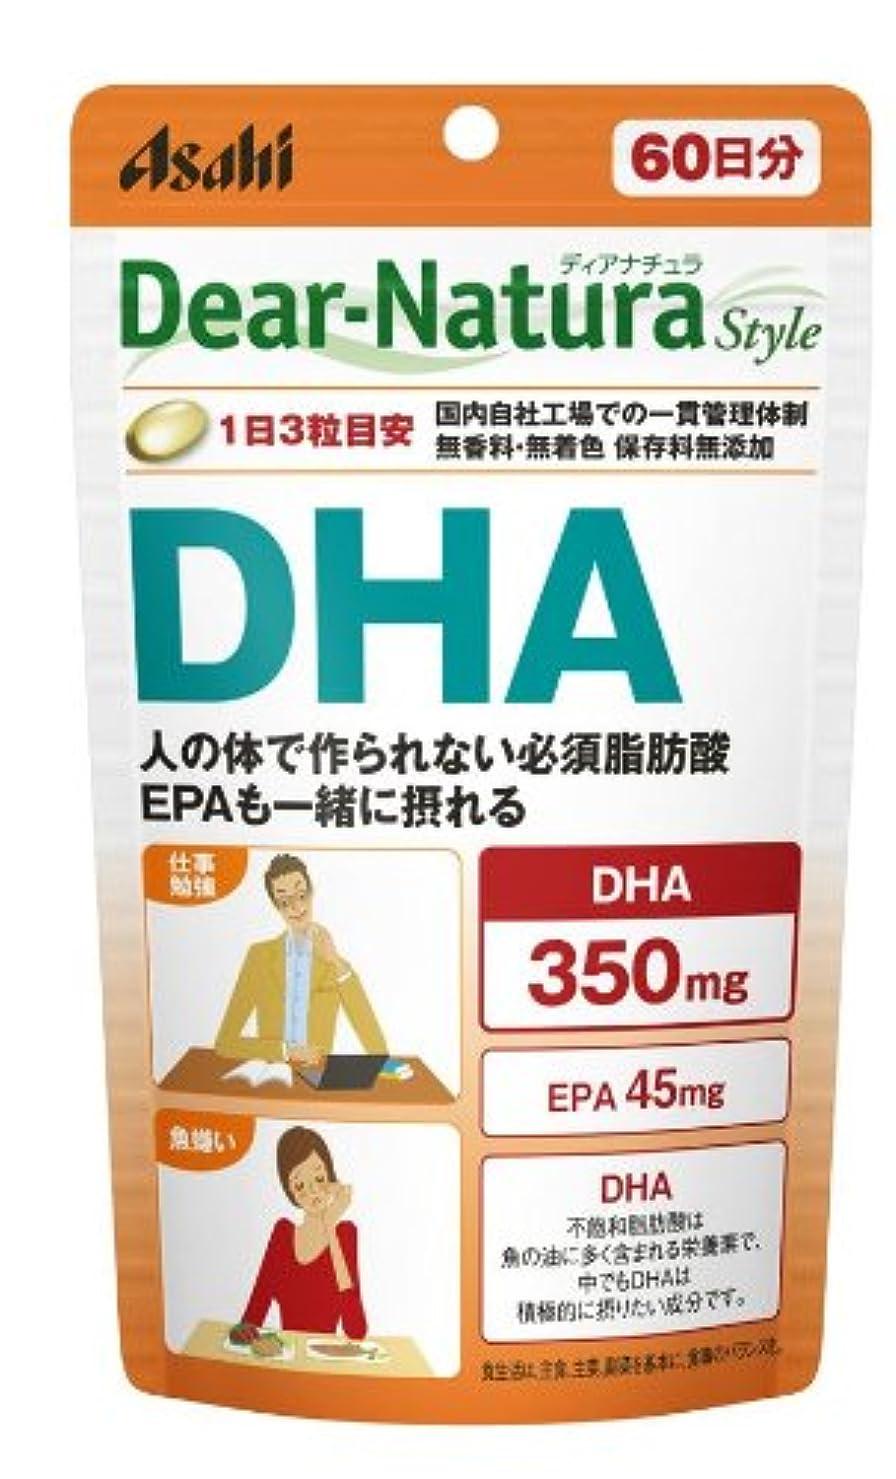 効能ある国民投票君主制ディアナチュラスタイル DHA 180粒 (60日分)